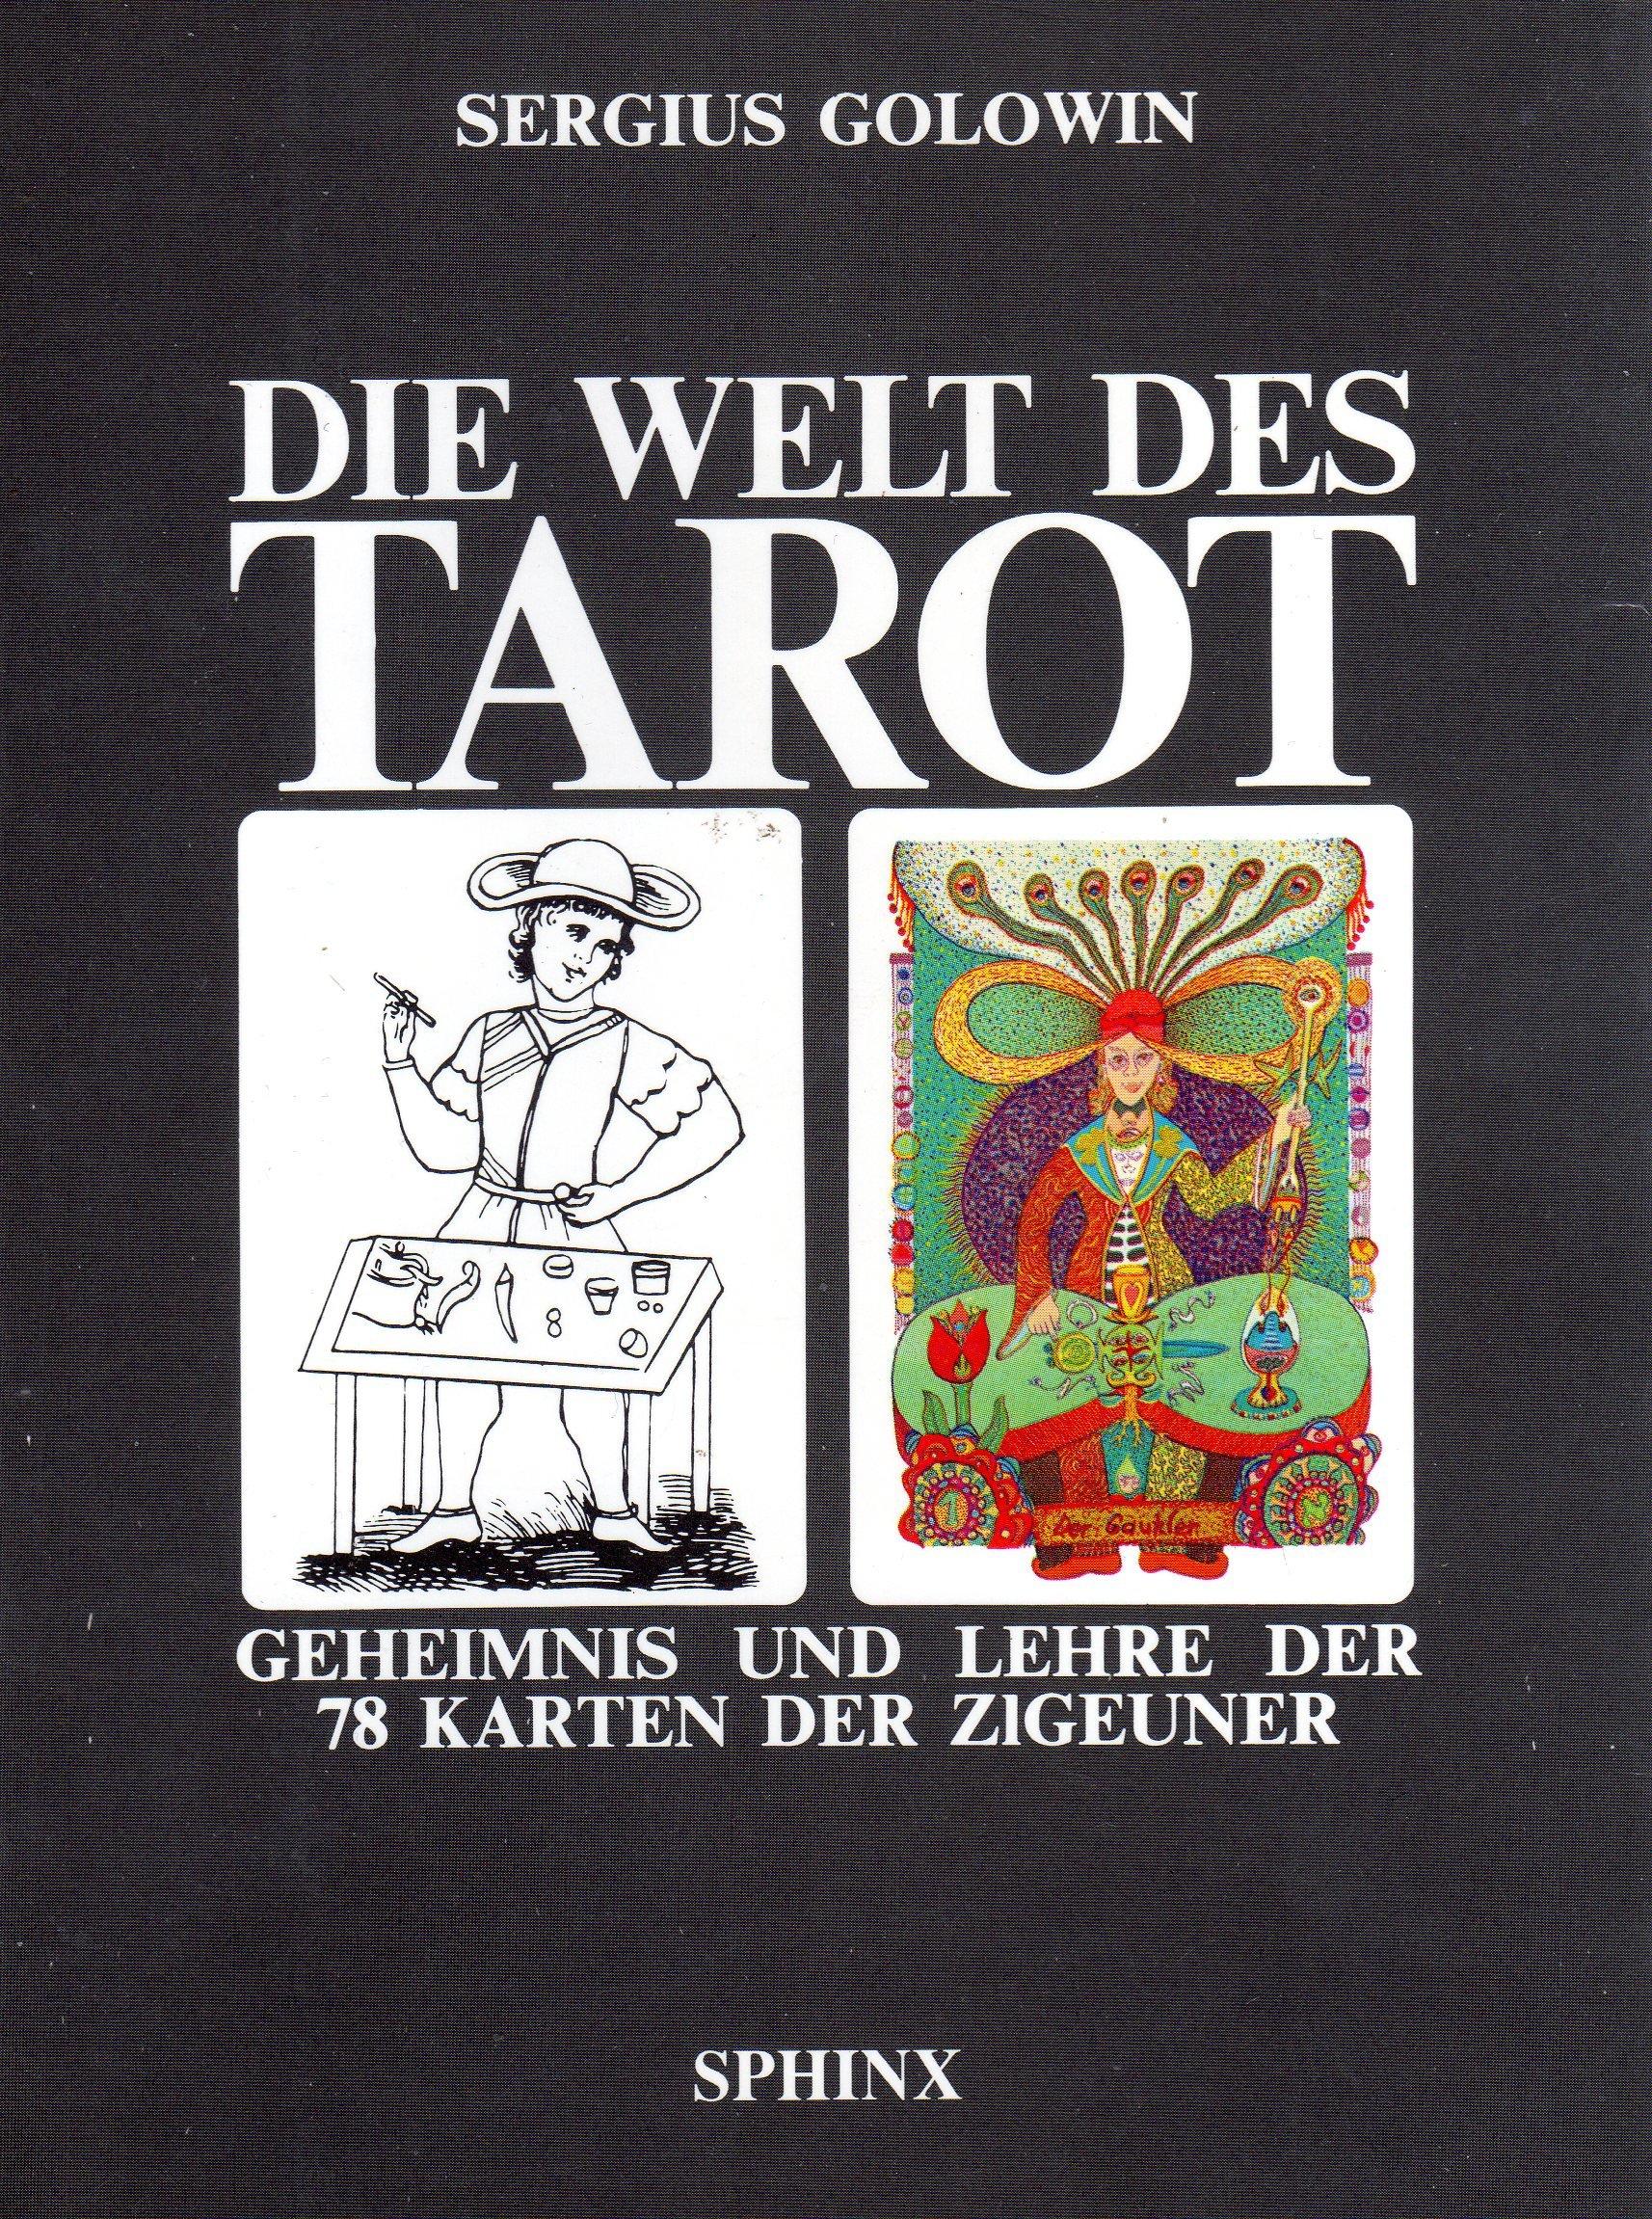 Die Welt des Tarot: Geheimnis und Lehre der 78 Karten der Zigeuner Broschiert – 1. Januar 1988 Sergius Golowin Sphinx 3859141856 1001-WS1501-A03010-3859141856